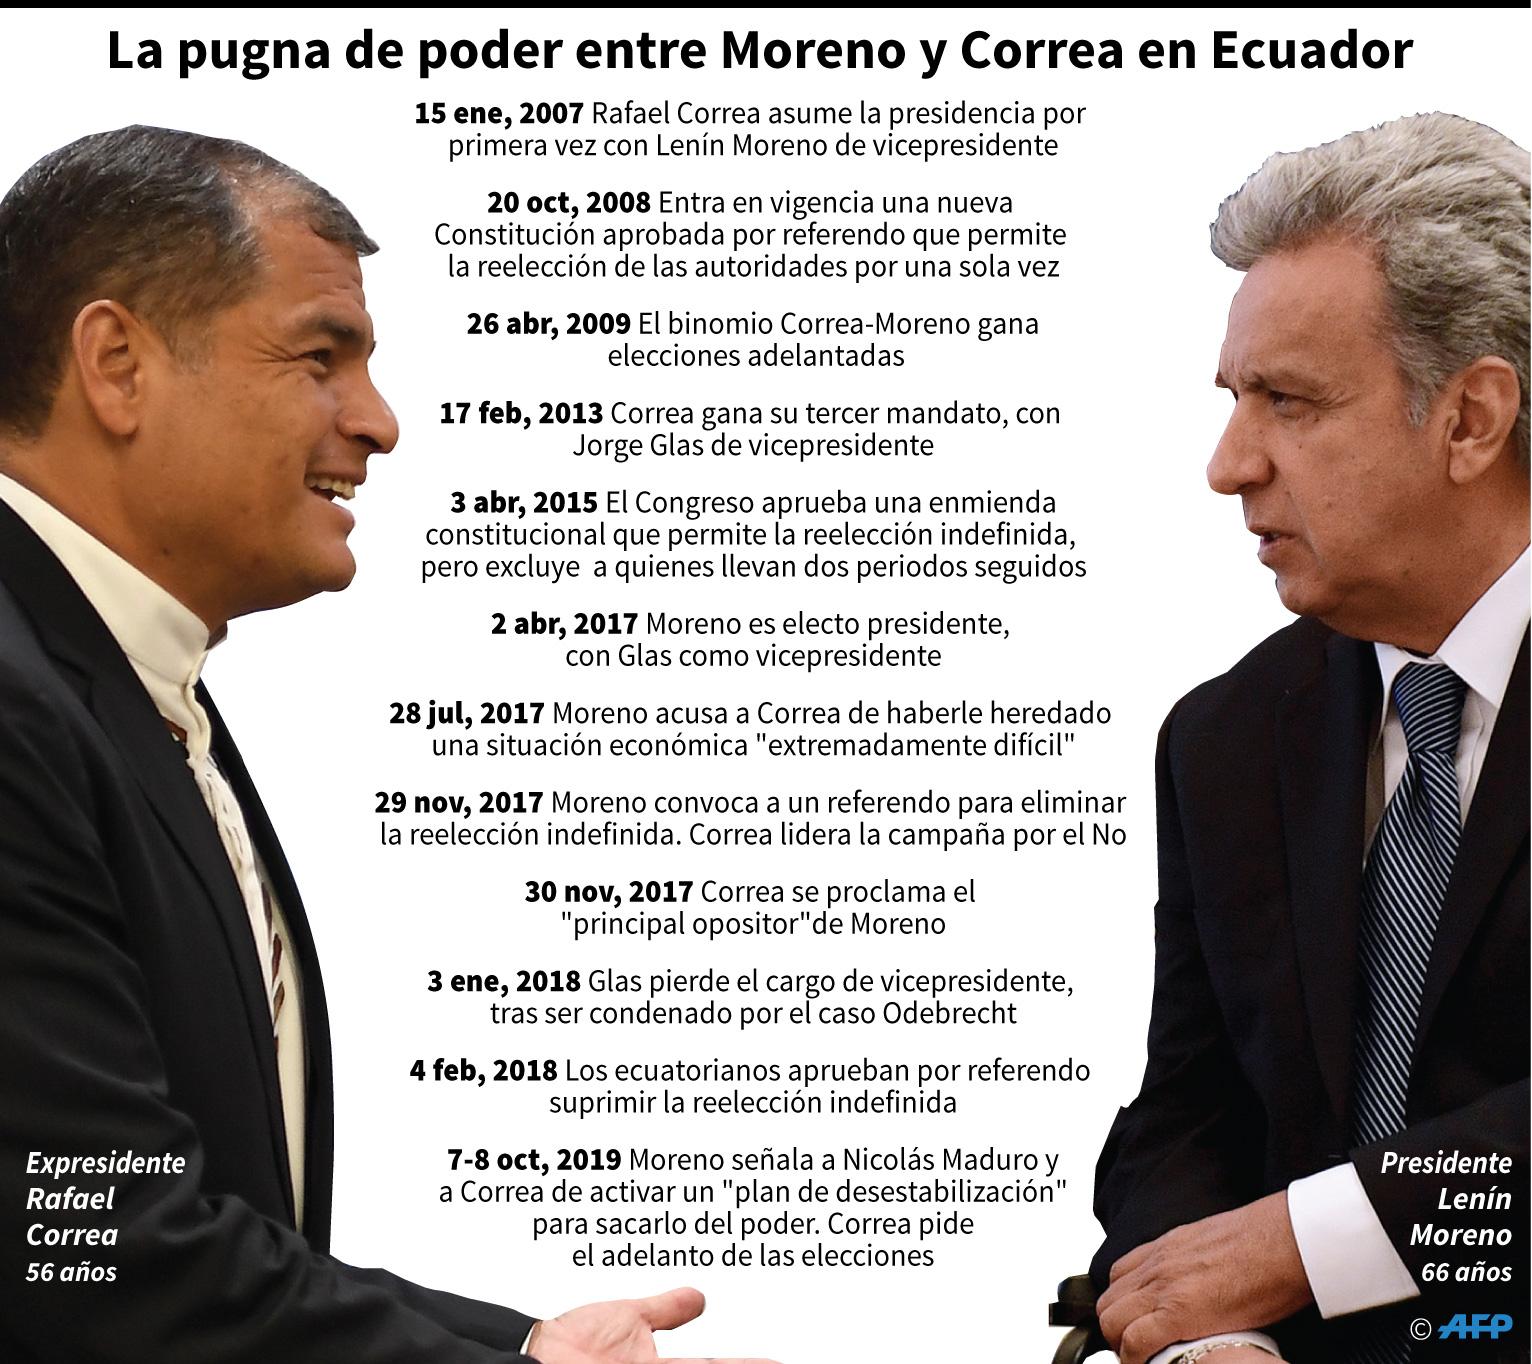 La pugna de poder entre Moreno y Correa en Ecuador. (AFP)